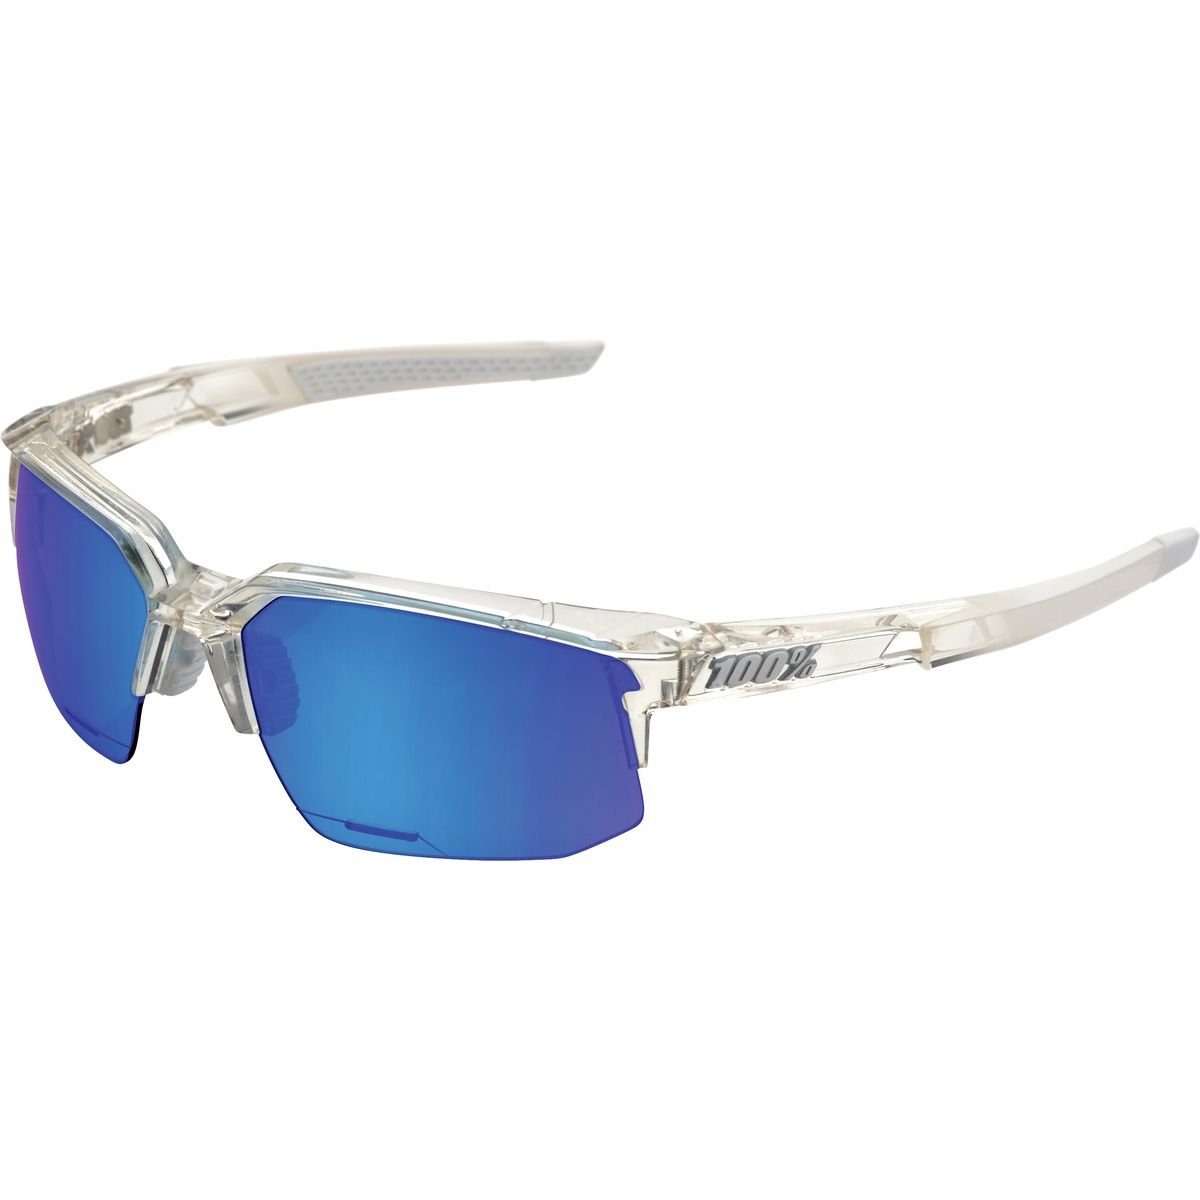 100% APPAREL B073ZM8SSQ One Size|Aurora (With) Ice Blue Mirror Lens Aurora (With) Ice Blue Mirror Lens One Size